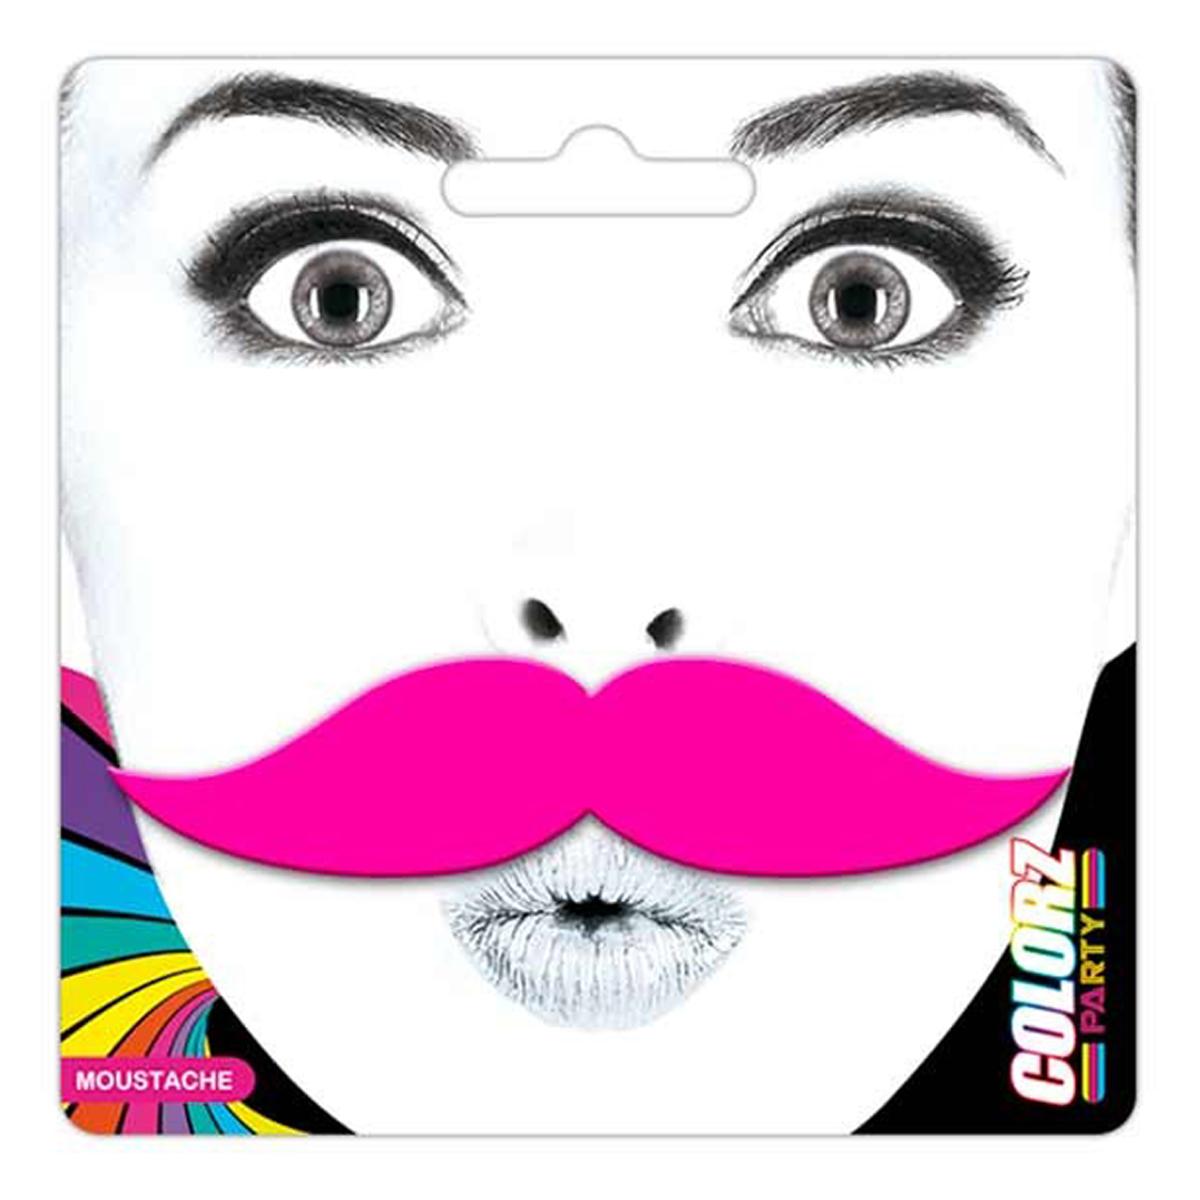 Fausse moustache \'Coloriage\' rose - 9x23 cm - [Q5455]